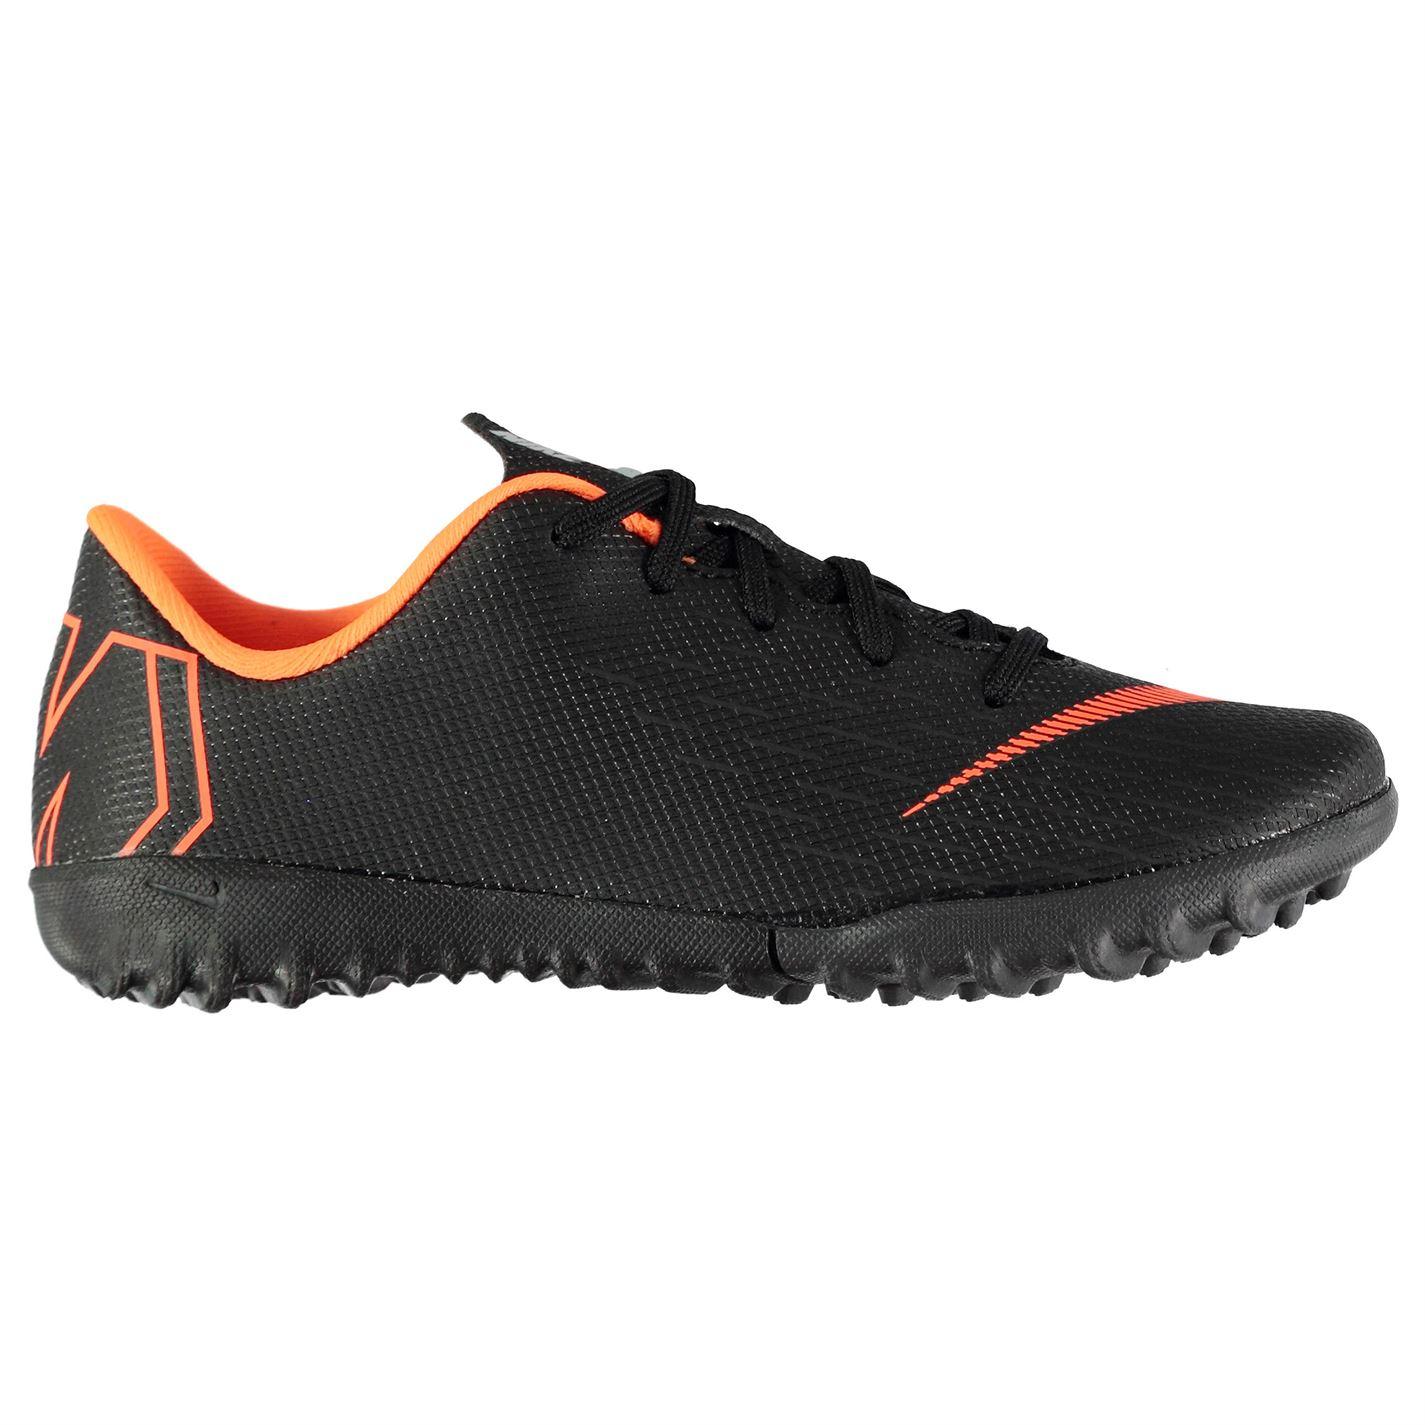 boty Nike Mercurial Vapor Academy dětské Astro Turf